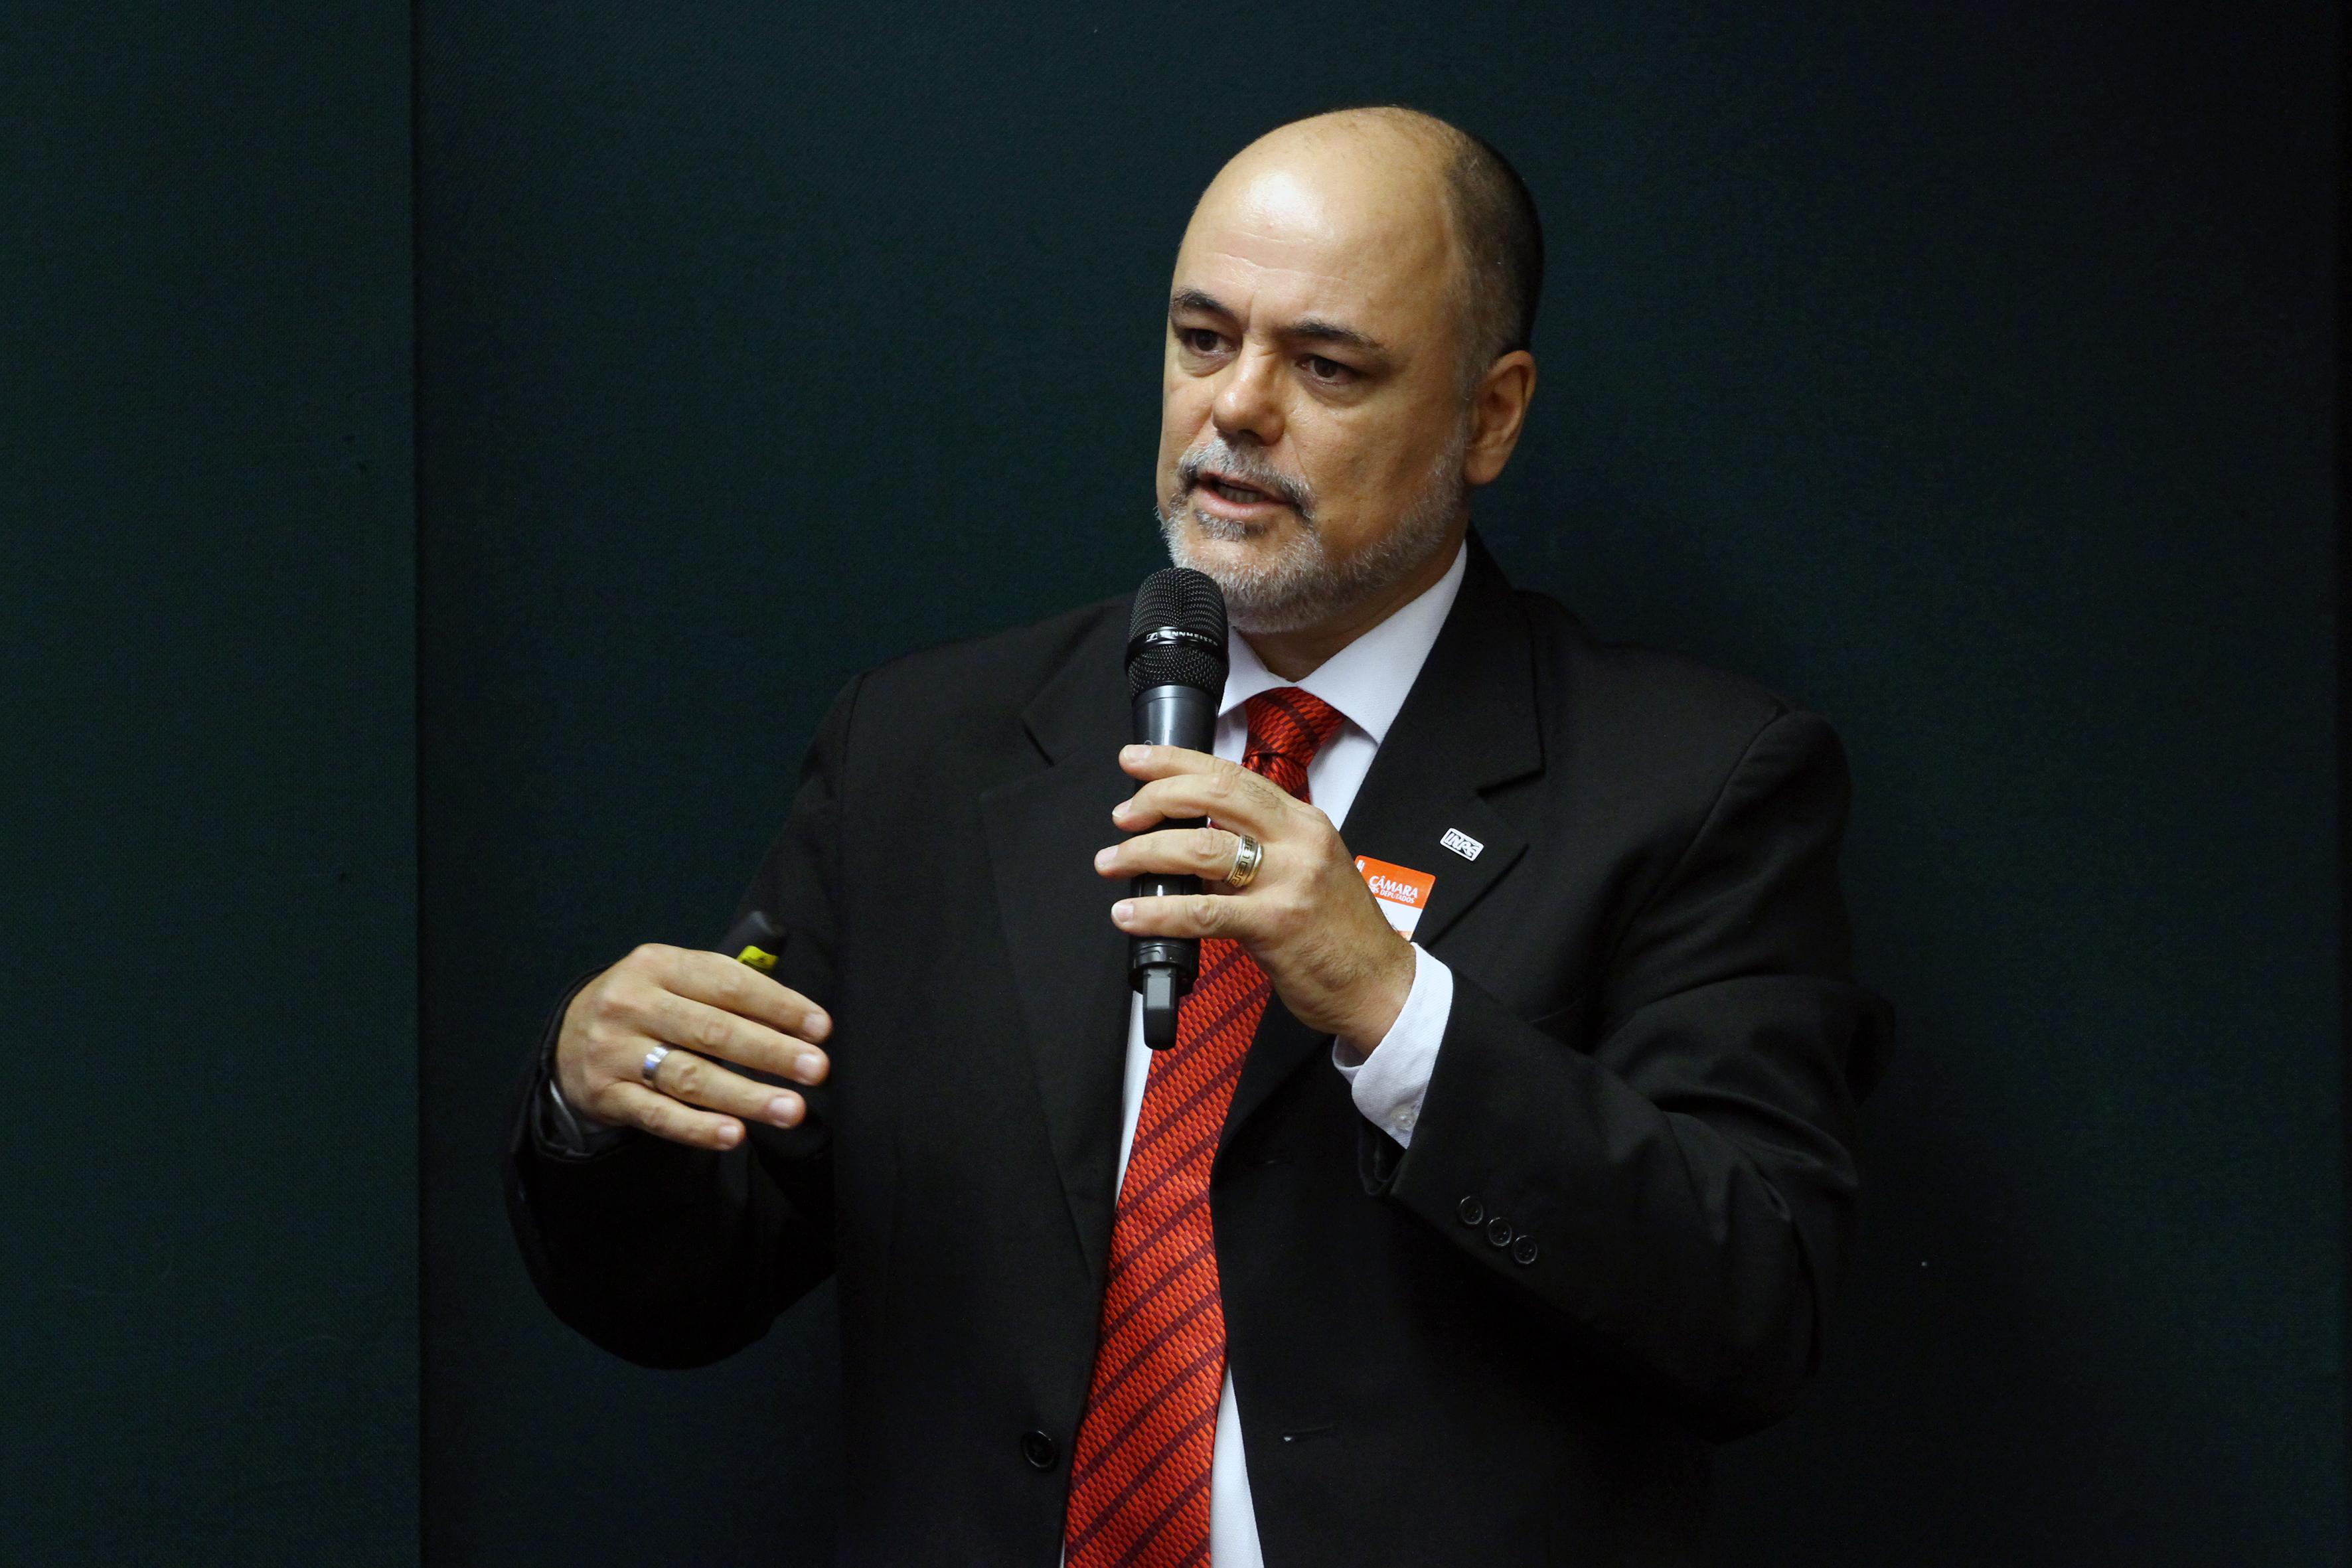 Audiência pública sobre o georreferenciamento da Cobertura Florestal Brasileira e Informações Estratégicas. Tecnologista Sênior da Coordenação de Observação da Terra do Inpe- Instituto Nacional de Pesquisas Espaciais, Claúdio Almeida